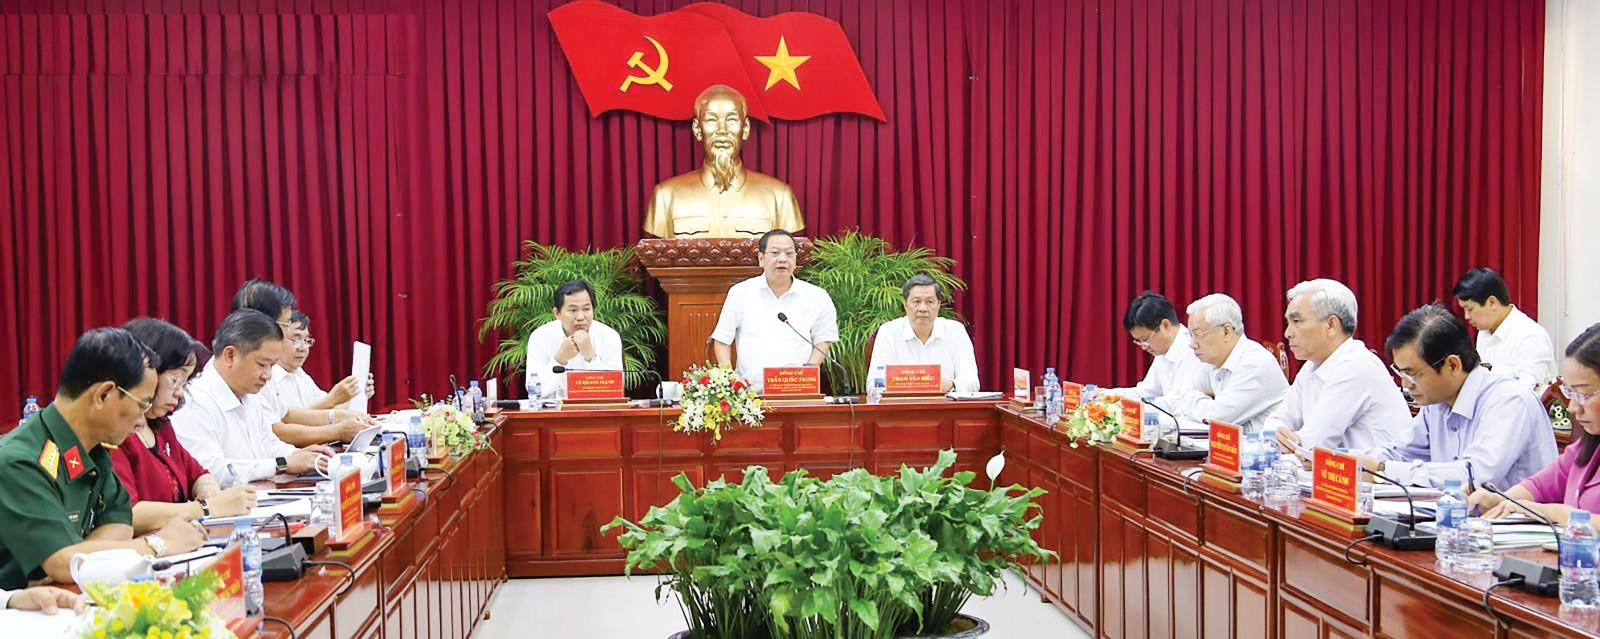 Đồng chí Trần Quốc Trung, Ủy viên Trung ương Đảng, Bí thư Thành ủy Cần Thơ phát biểu chỉ đạo tại cuộc họp. Ảnh: S.H